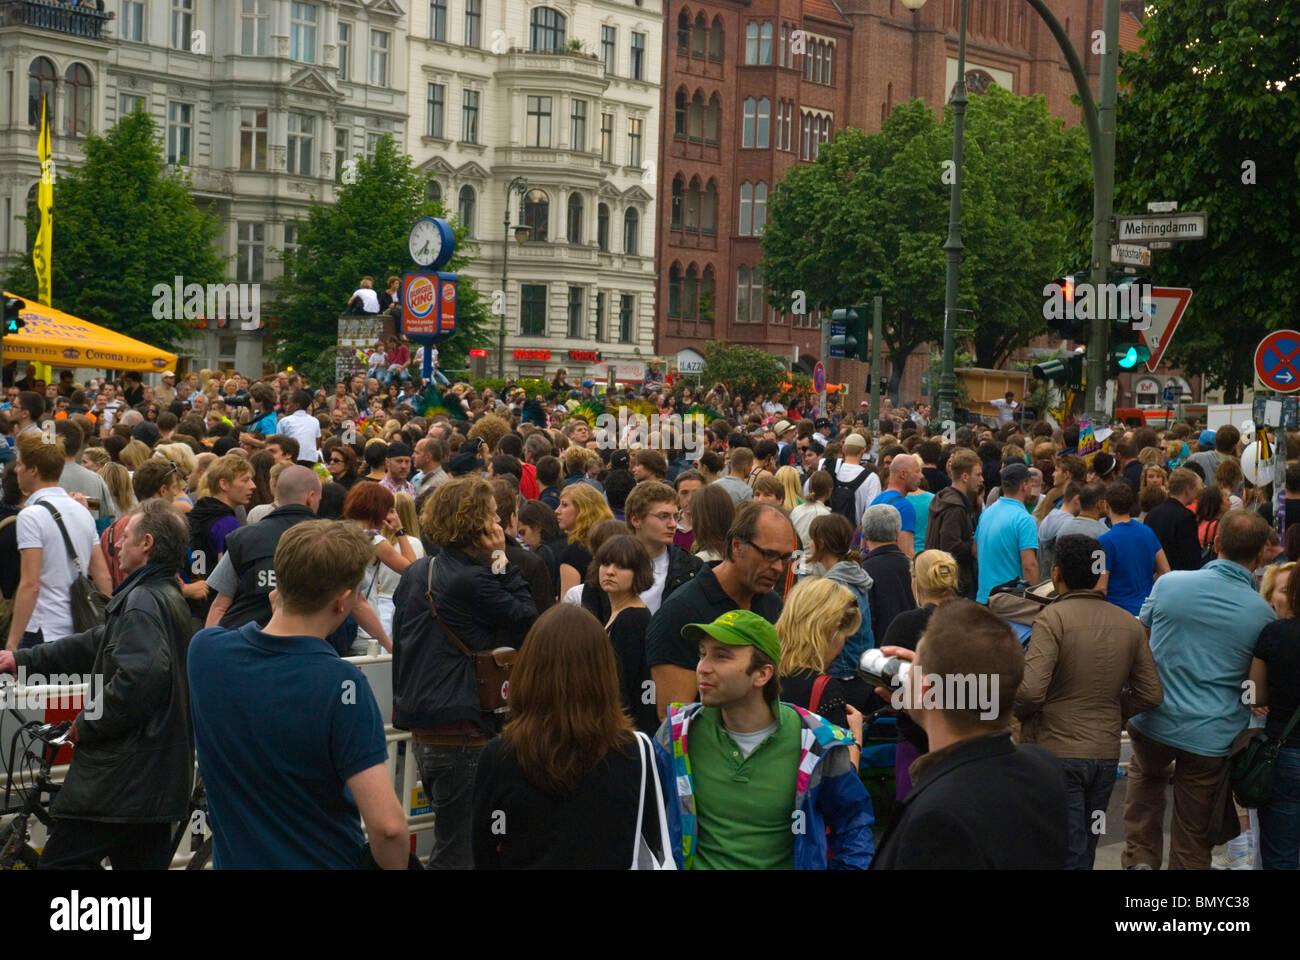 Karneval der Kulturen (Carnaval des Cultures) street festival kreuzberg Berlin Allemagne Europe Photo Stock